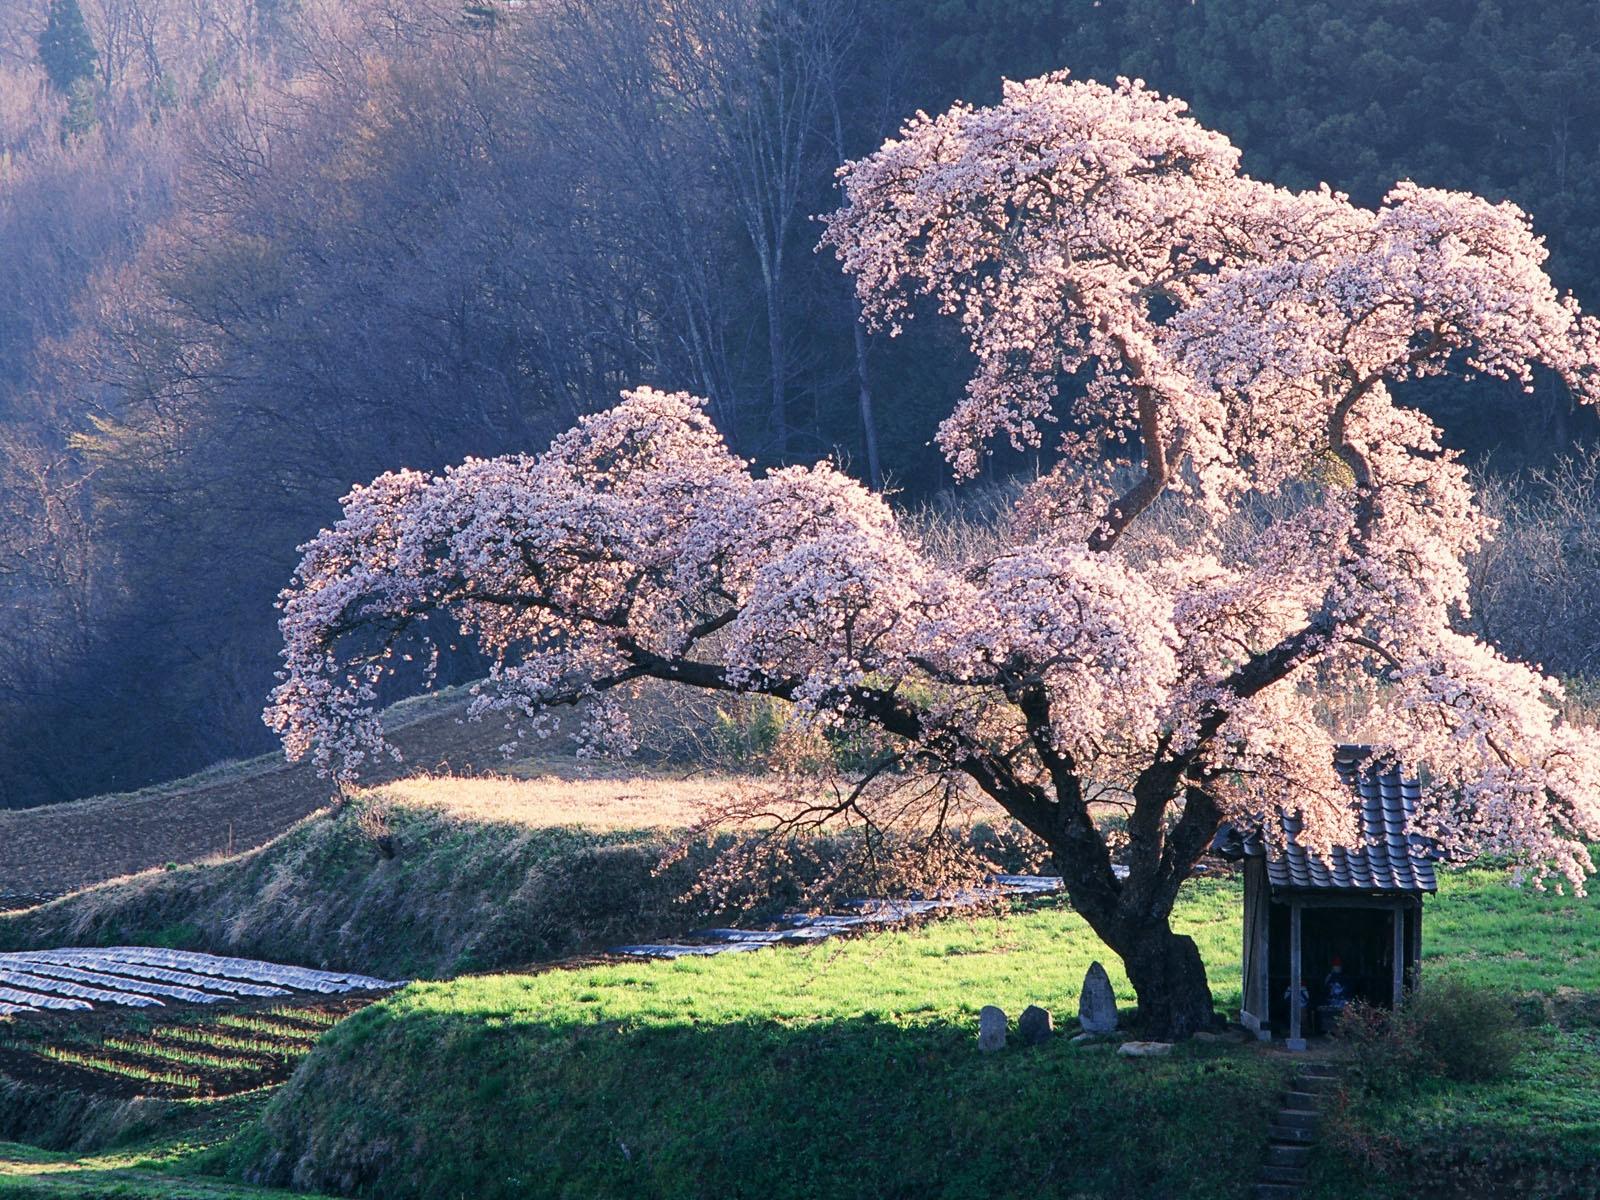 2014日本樱花壁纸日本樱花壁纸 桌面壁纸